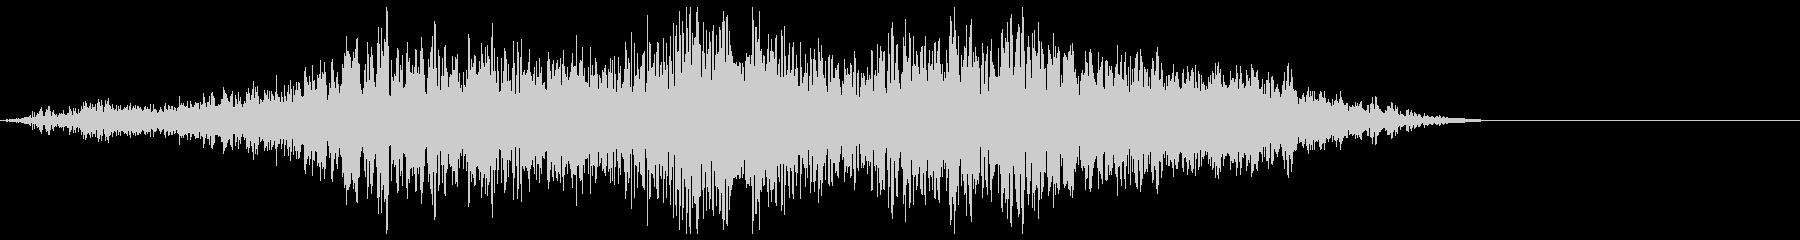 ワープ エナジー系(シュワーン、ギュルルの未再生の波形